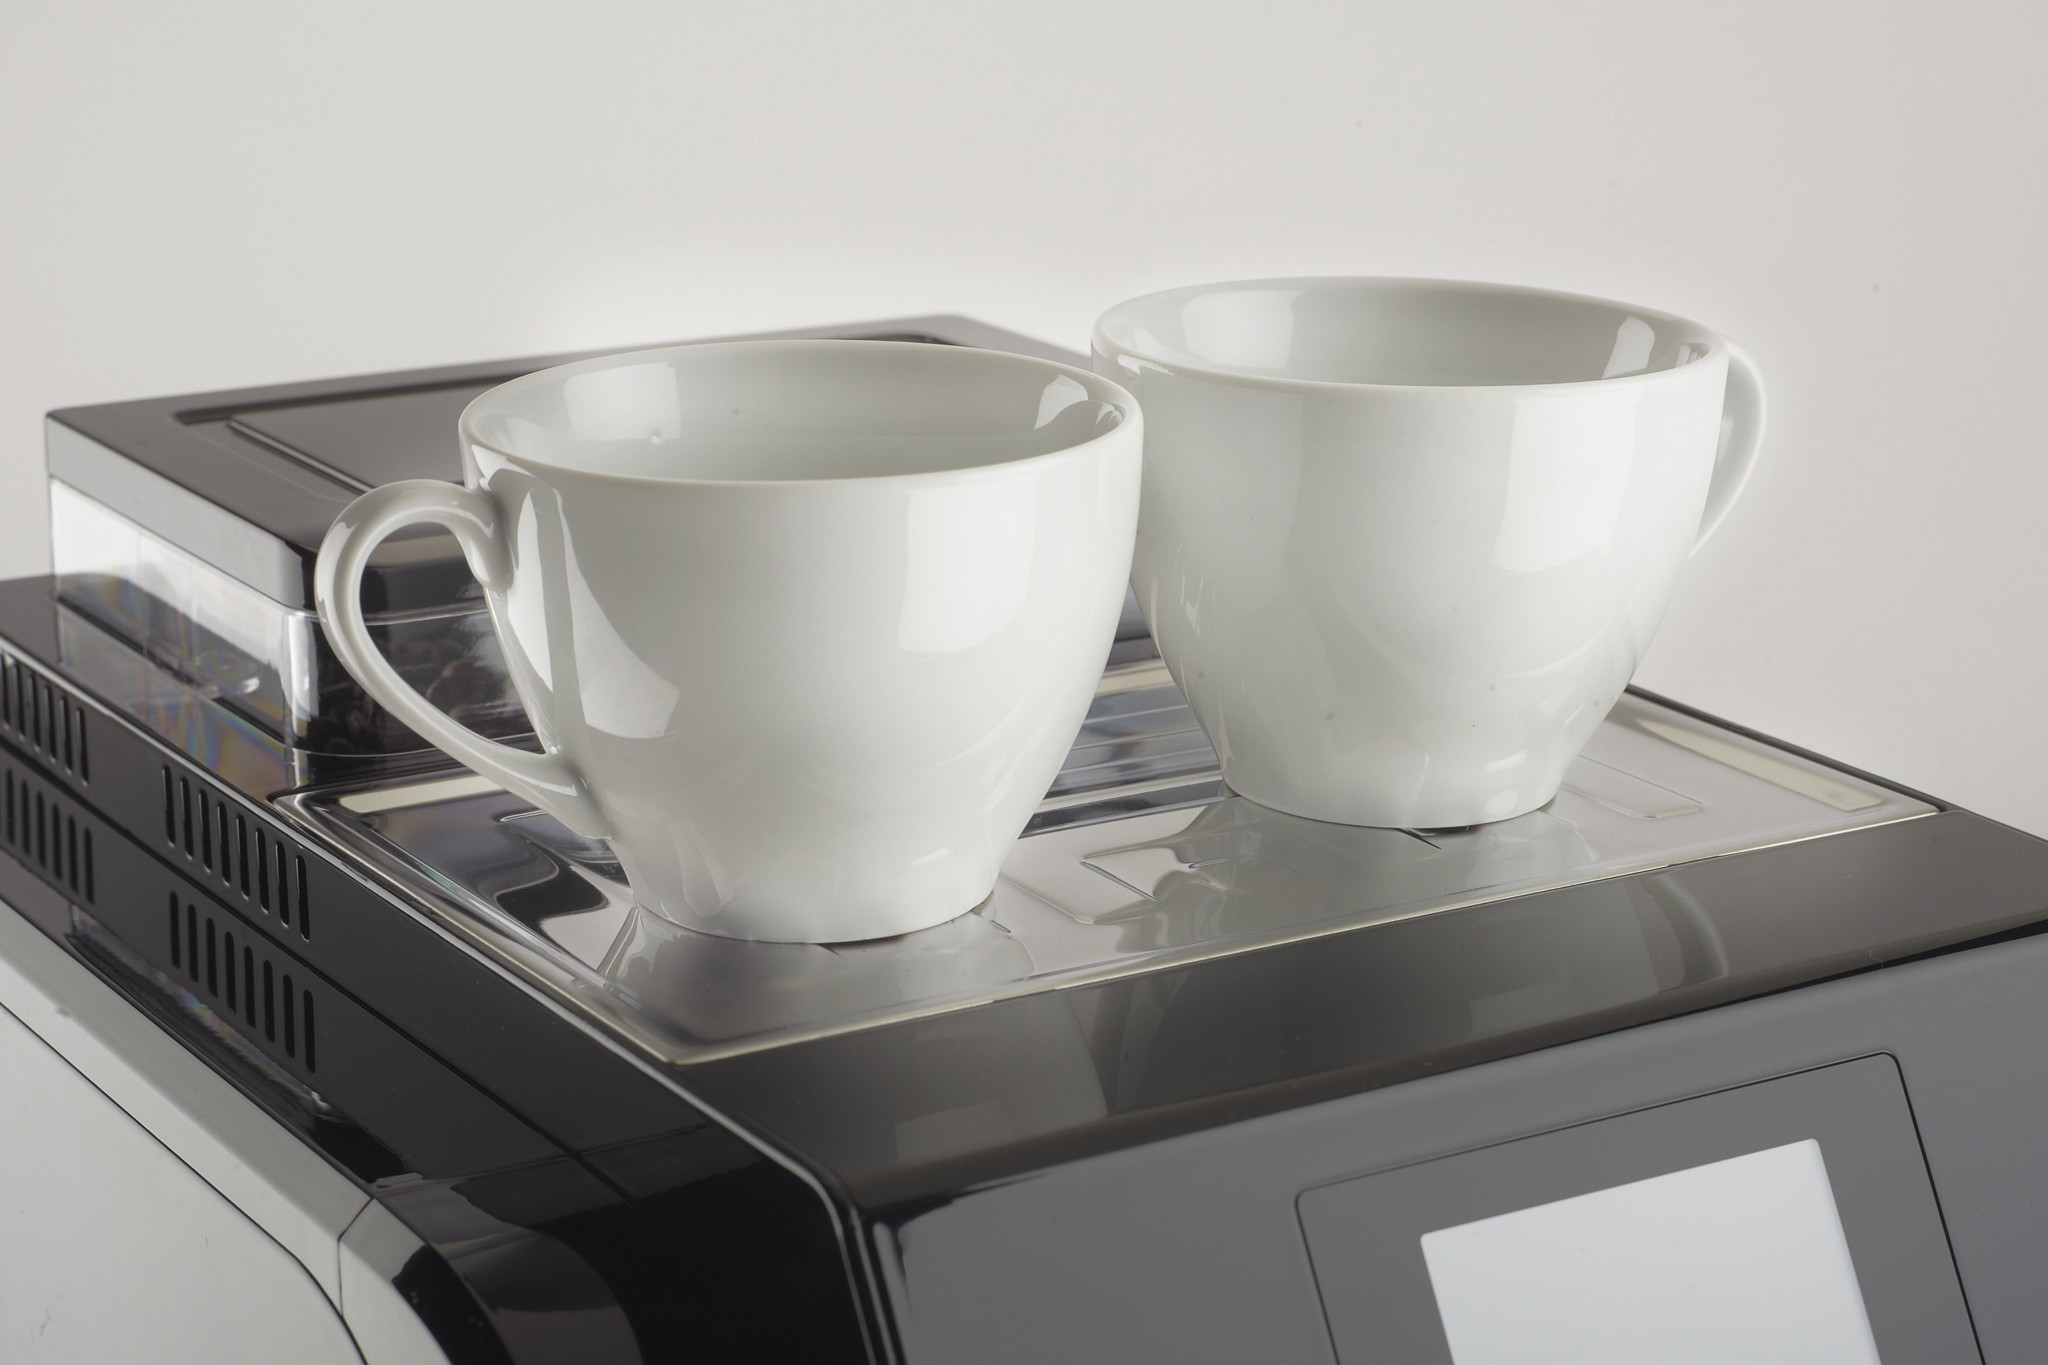 Acopino- Diese edle Kaffeemaschine sollten Sie sich anschauen! - Bildergalerie , Bild 3